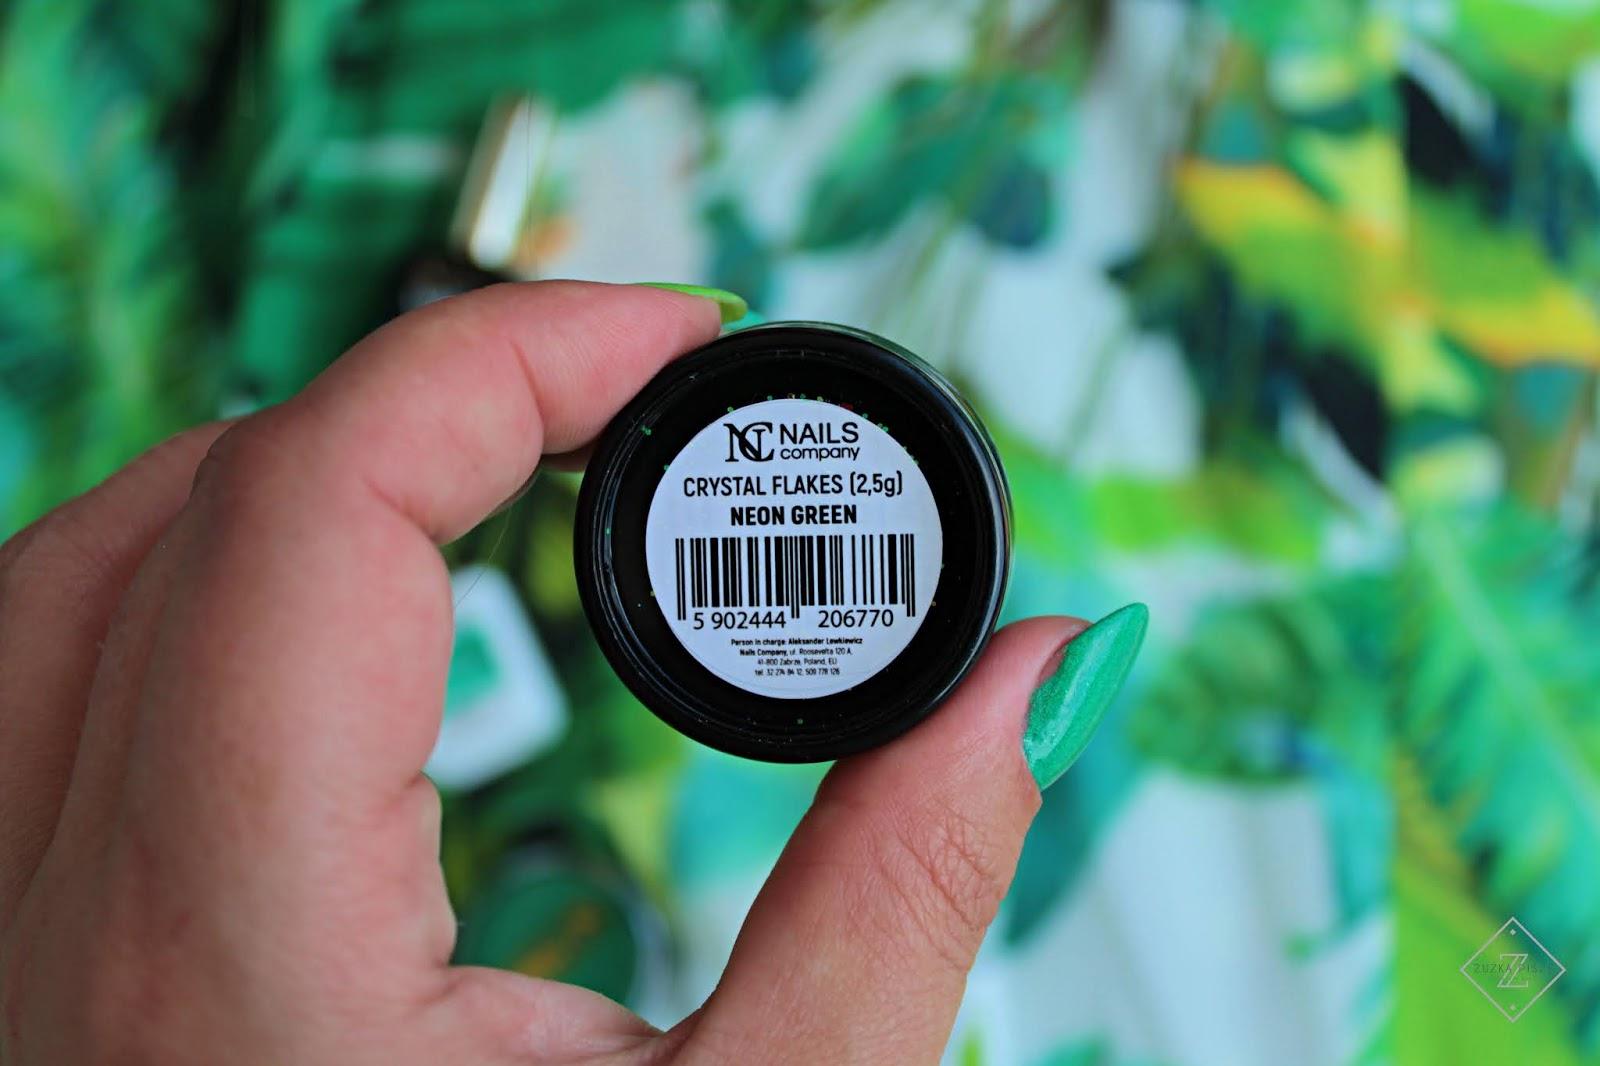 Pyłek NC Nails Company Crystal Flakes NEON Green